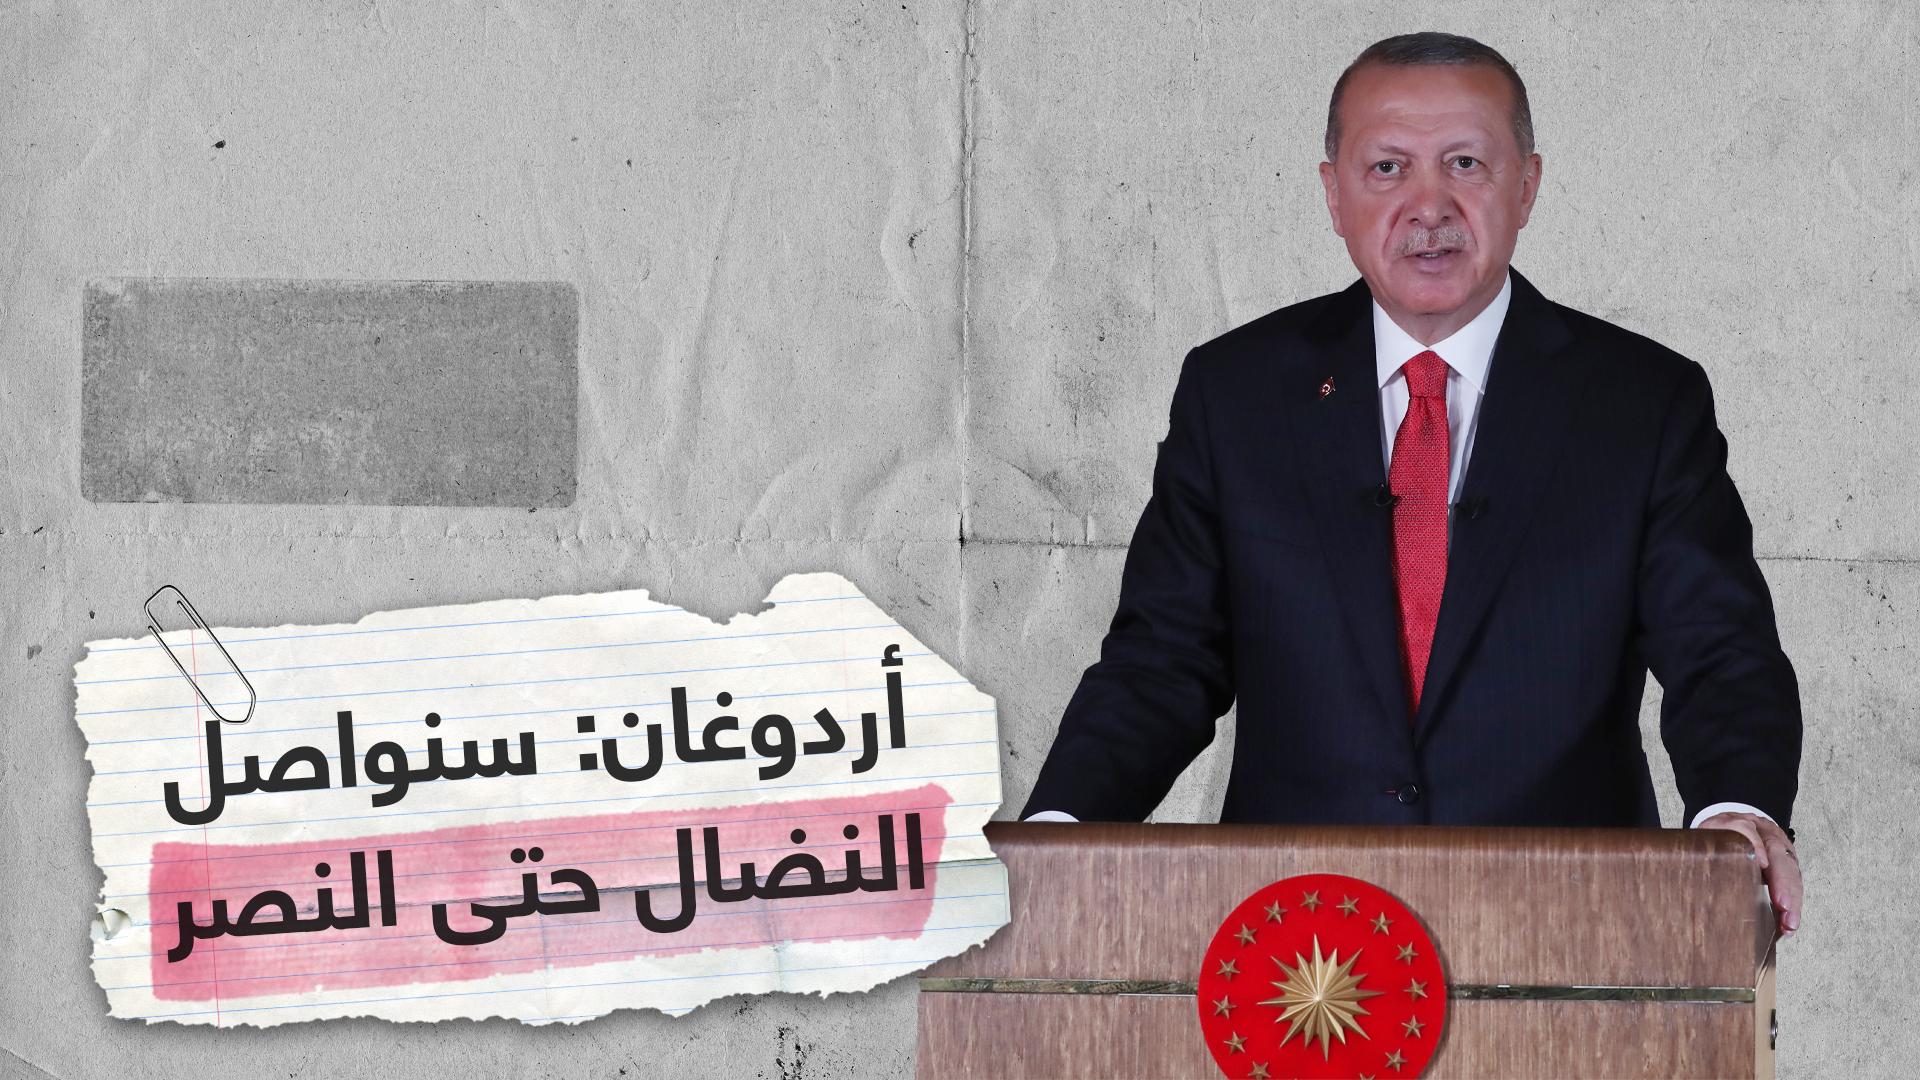 تصريحات أردوغان عن ليبيا وسوريا والعراق تثير الجدل